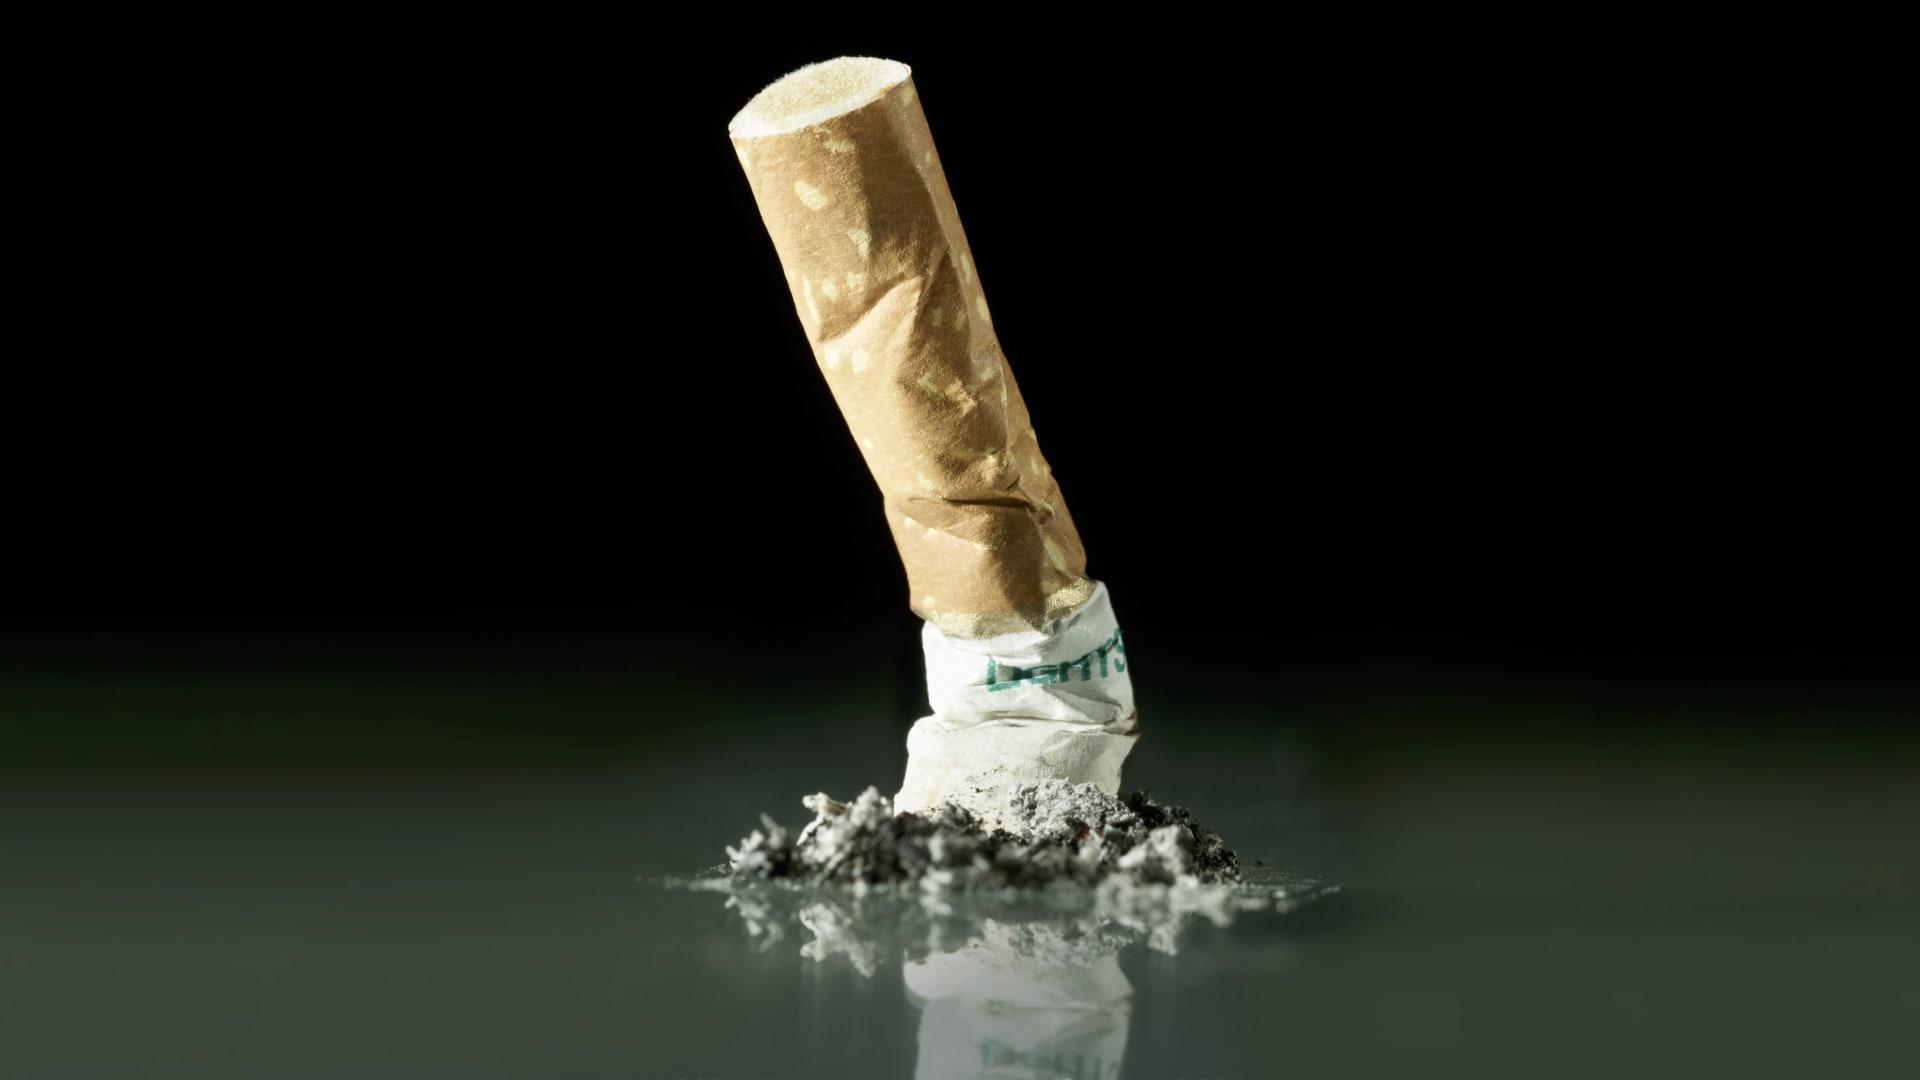 Ban Smoking at the Office? Check. Ban Smoking at Home? Wait, What?